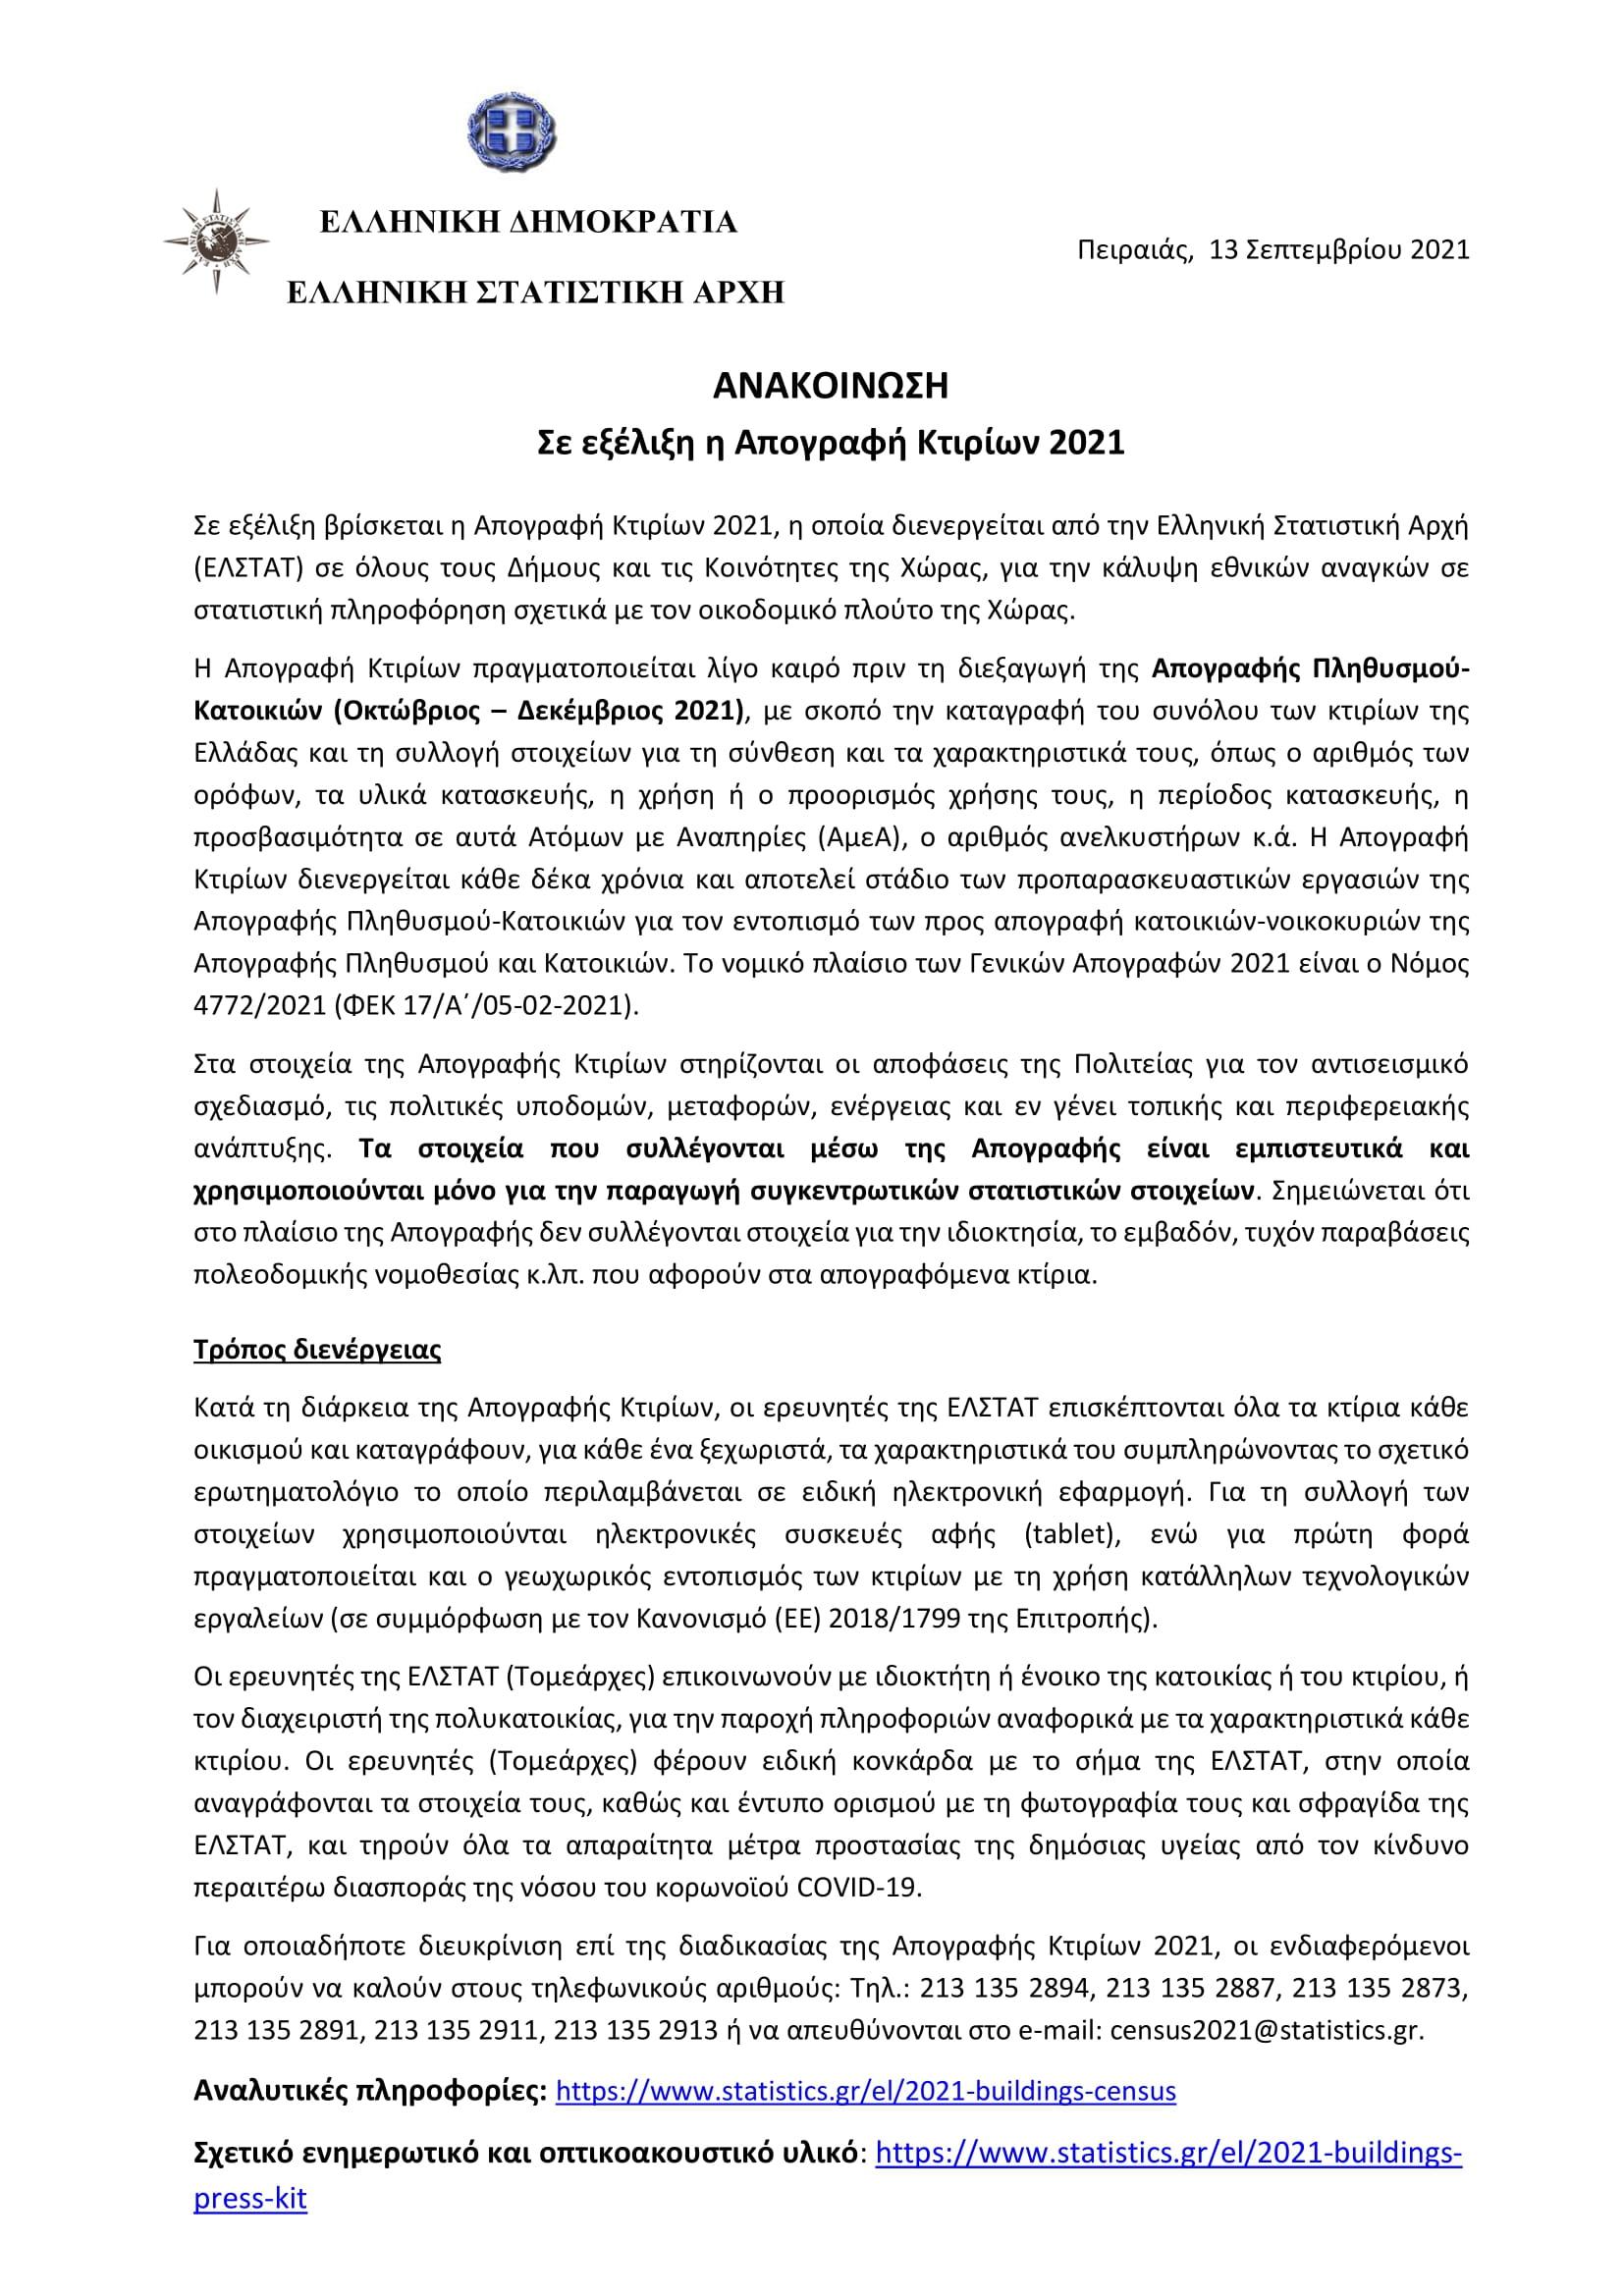 ΕΛΣΤΑΤ ΑΠΟΓΡΑΦΗ ΚΤΙΡΙΩΝ_13.9.2021 1